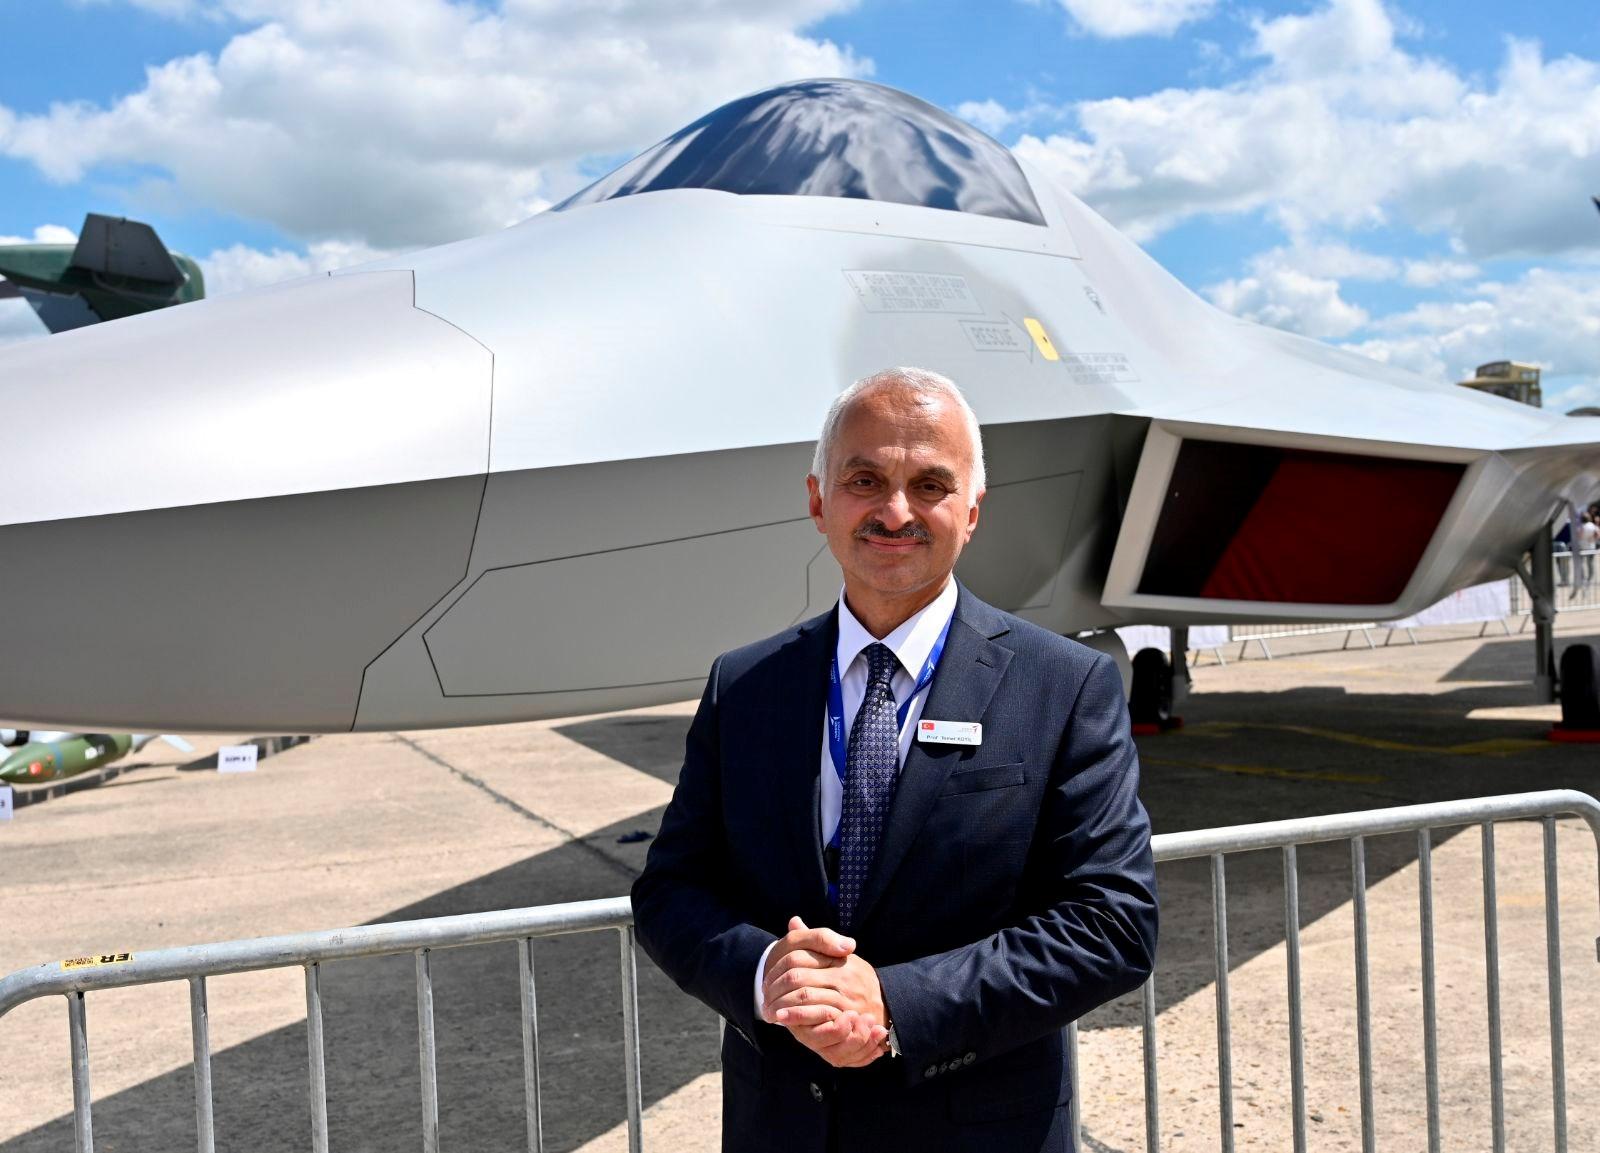 <p>Proje kapsamında ilk etapta 6 geliştirme prototipi üretilecek. Jet motorlarının da Türkiye'de üretilmesi planlanıyor. Projeyle 400 adetlik uçak siparişine ulaşılması öngörülüyor.</p> <p></p>